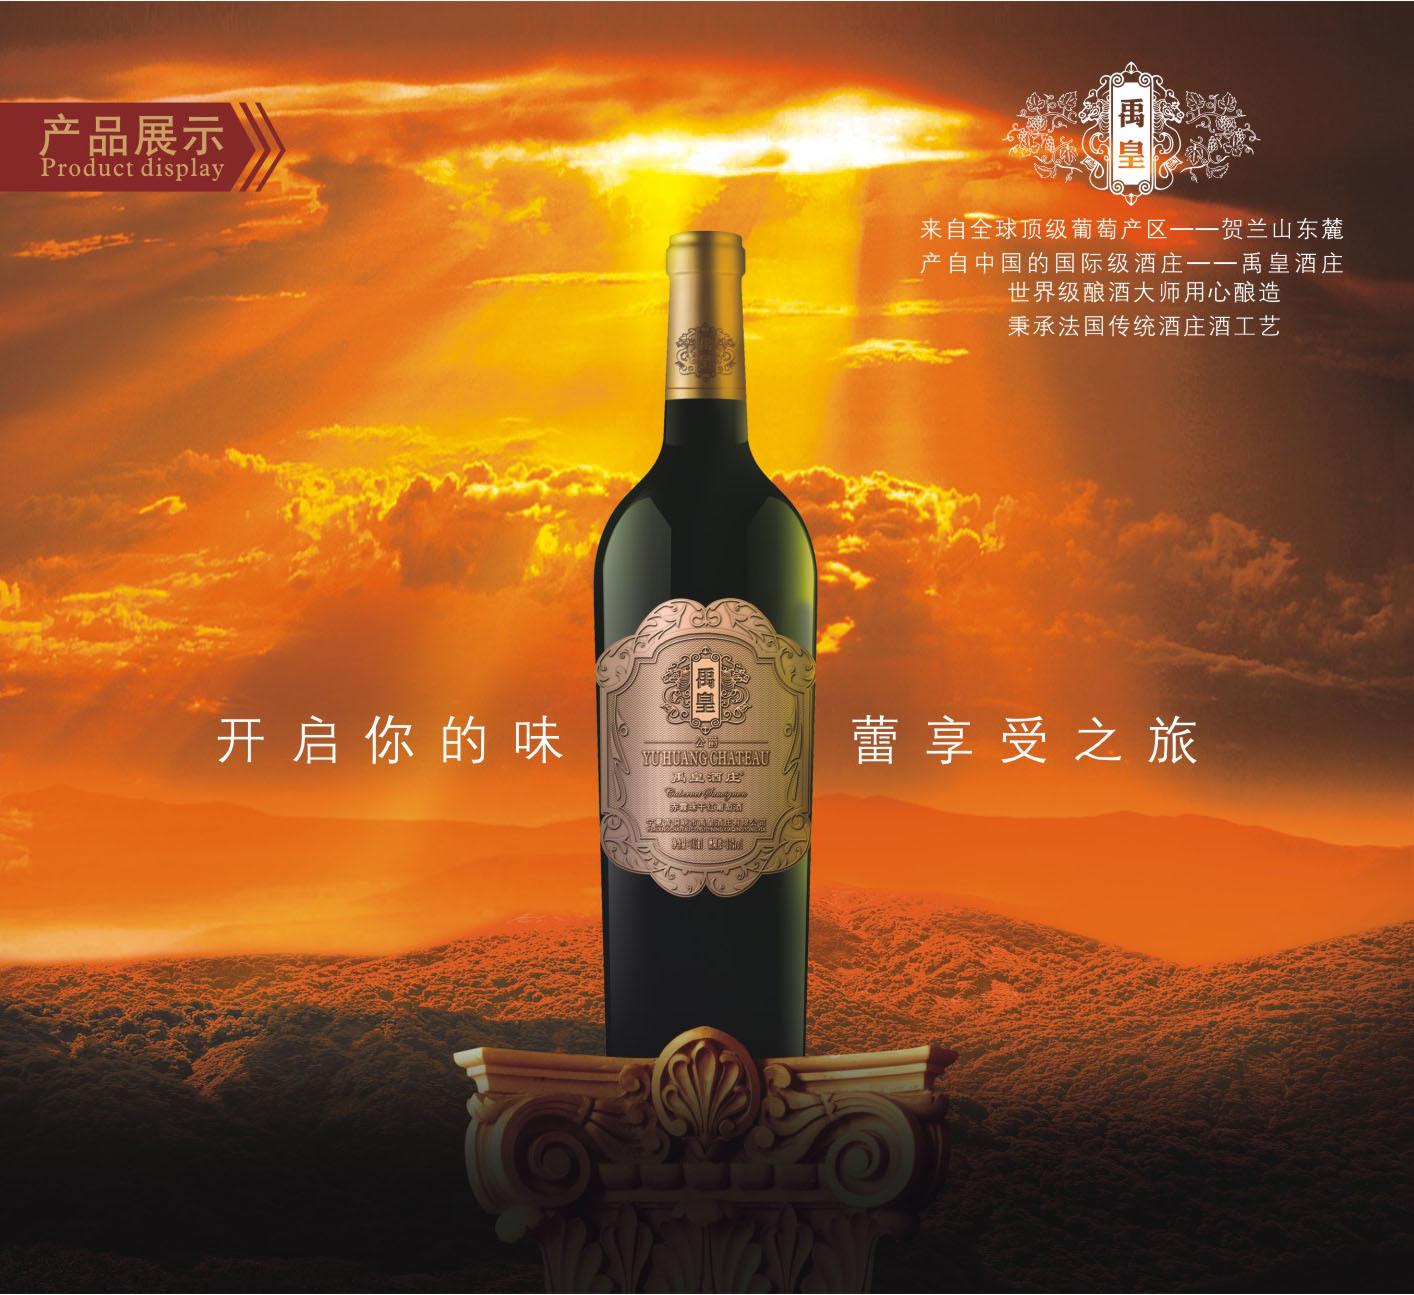 禹皇酒庄优质批发 伯爵蛇龙珠干红葡萄酒 法国工艺红酒750ml